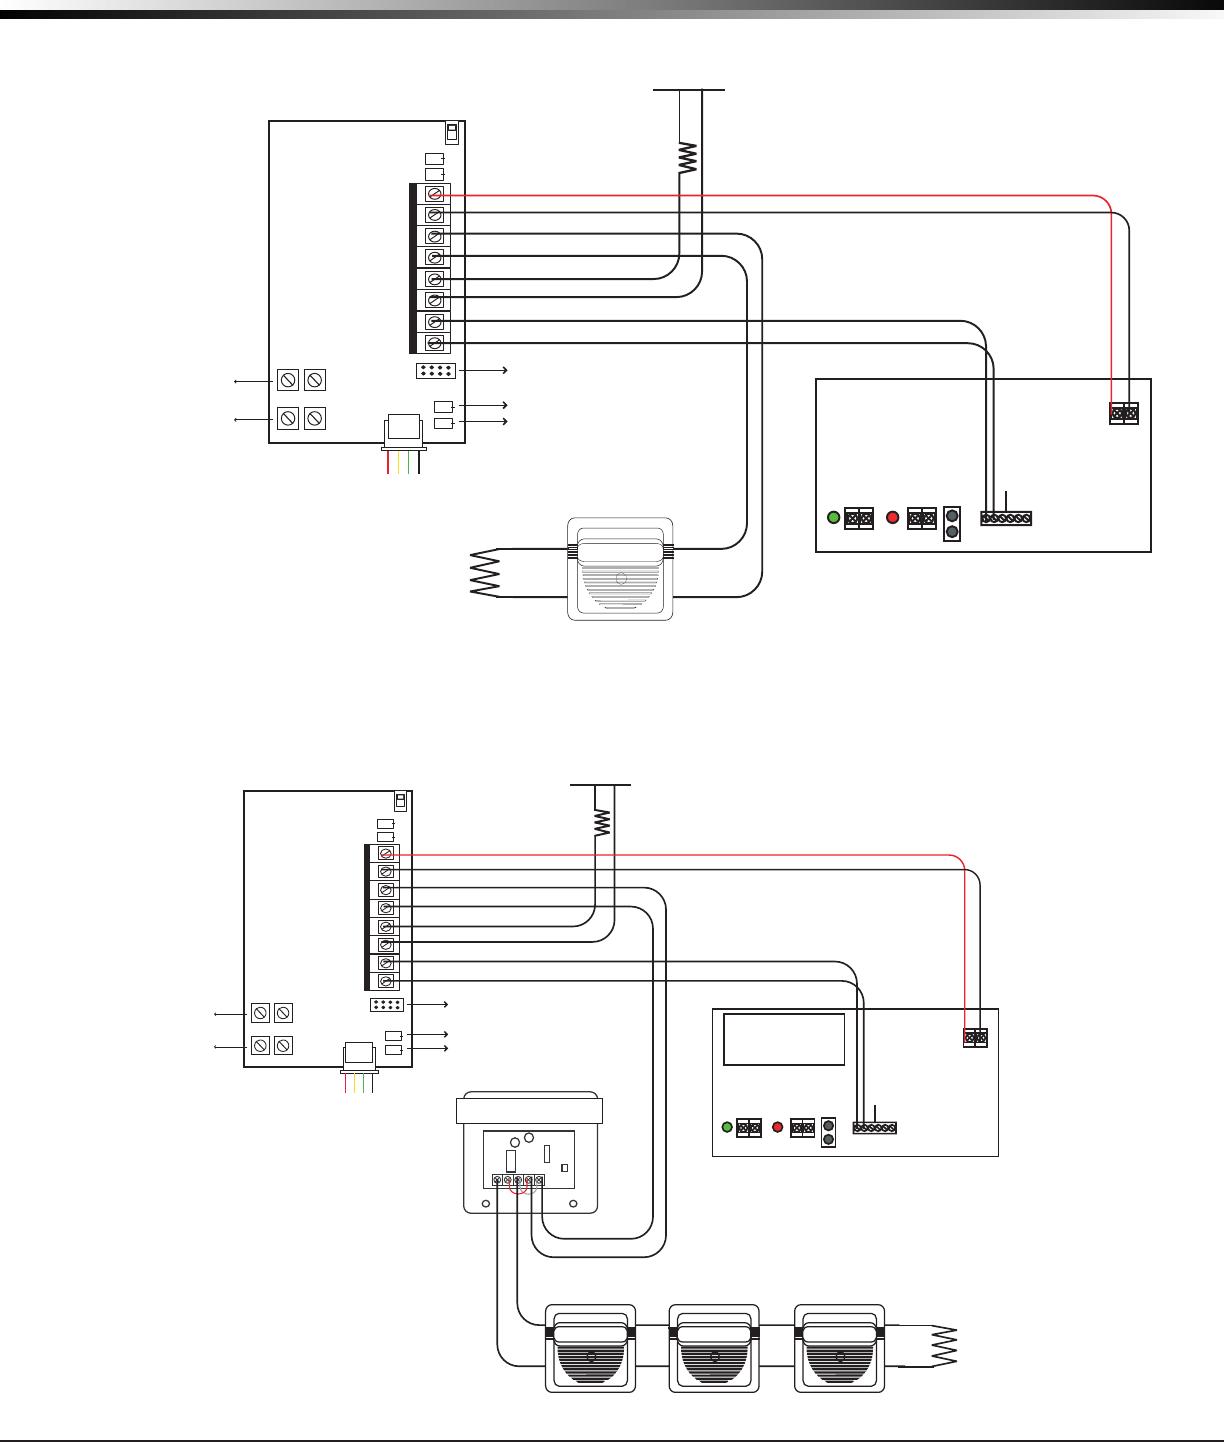 277a58a4 caeb 4f38 b06b 91c231022612 bg33 dmp 867 wiring diagram dmp 305 relay \u2022 wiring diagram database on dmp 867 wiring diagram